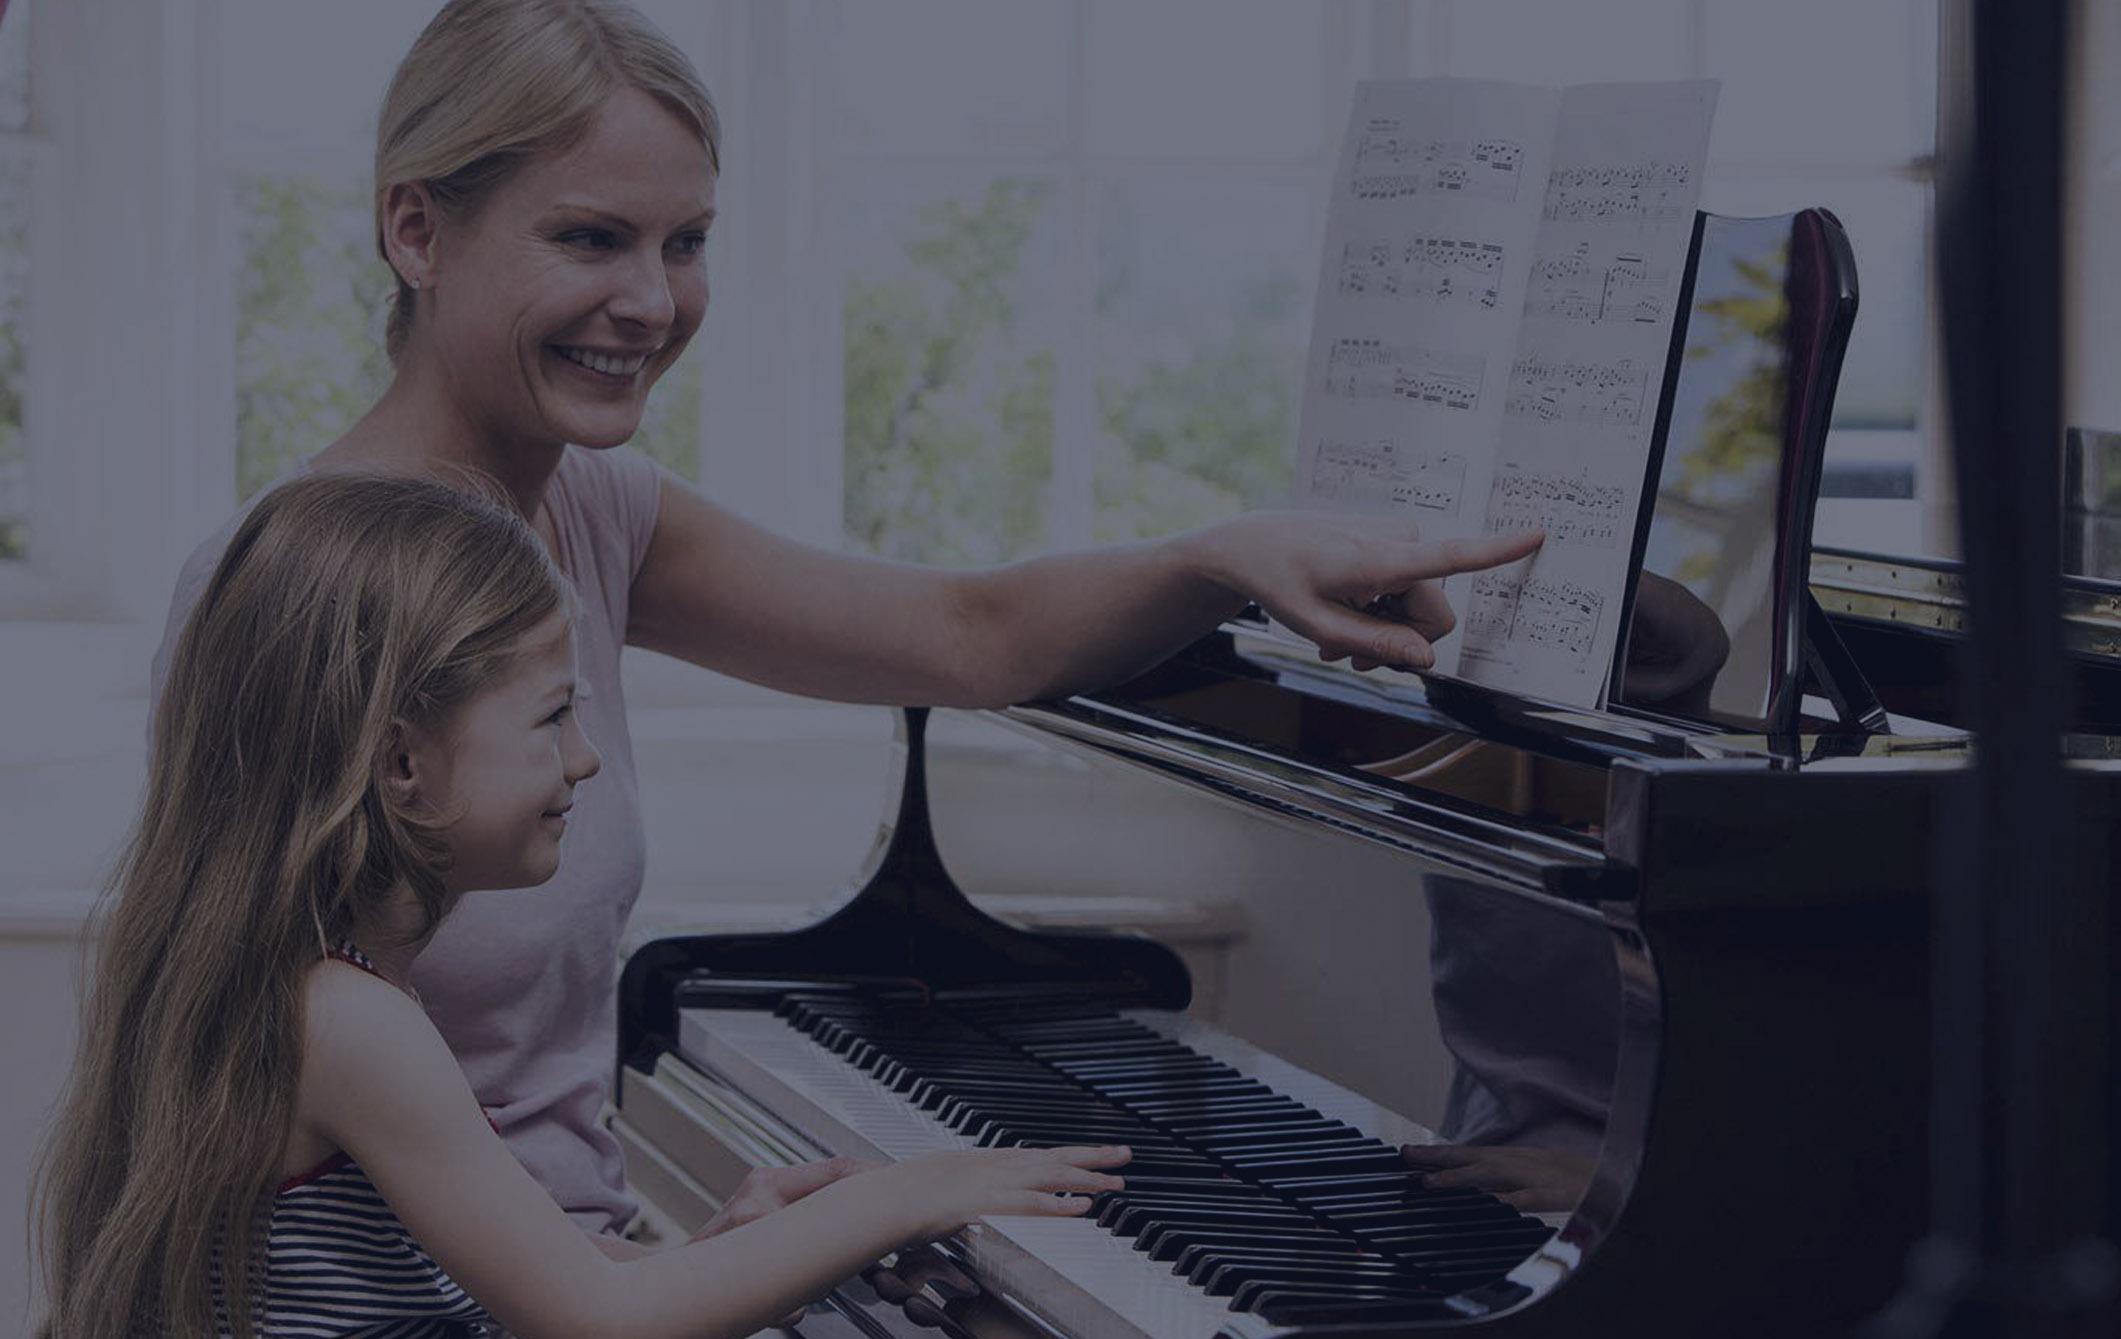 Педагогика и методика преподавания музыкальных дисциплин